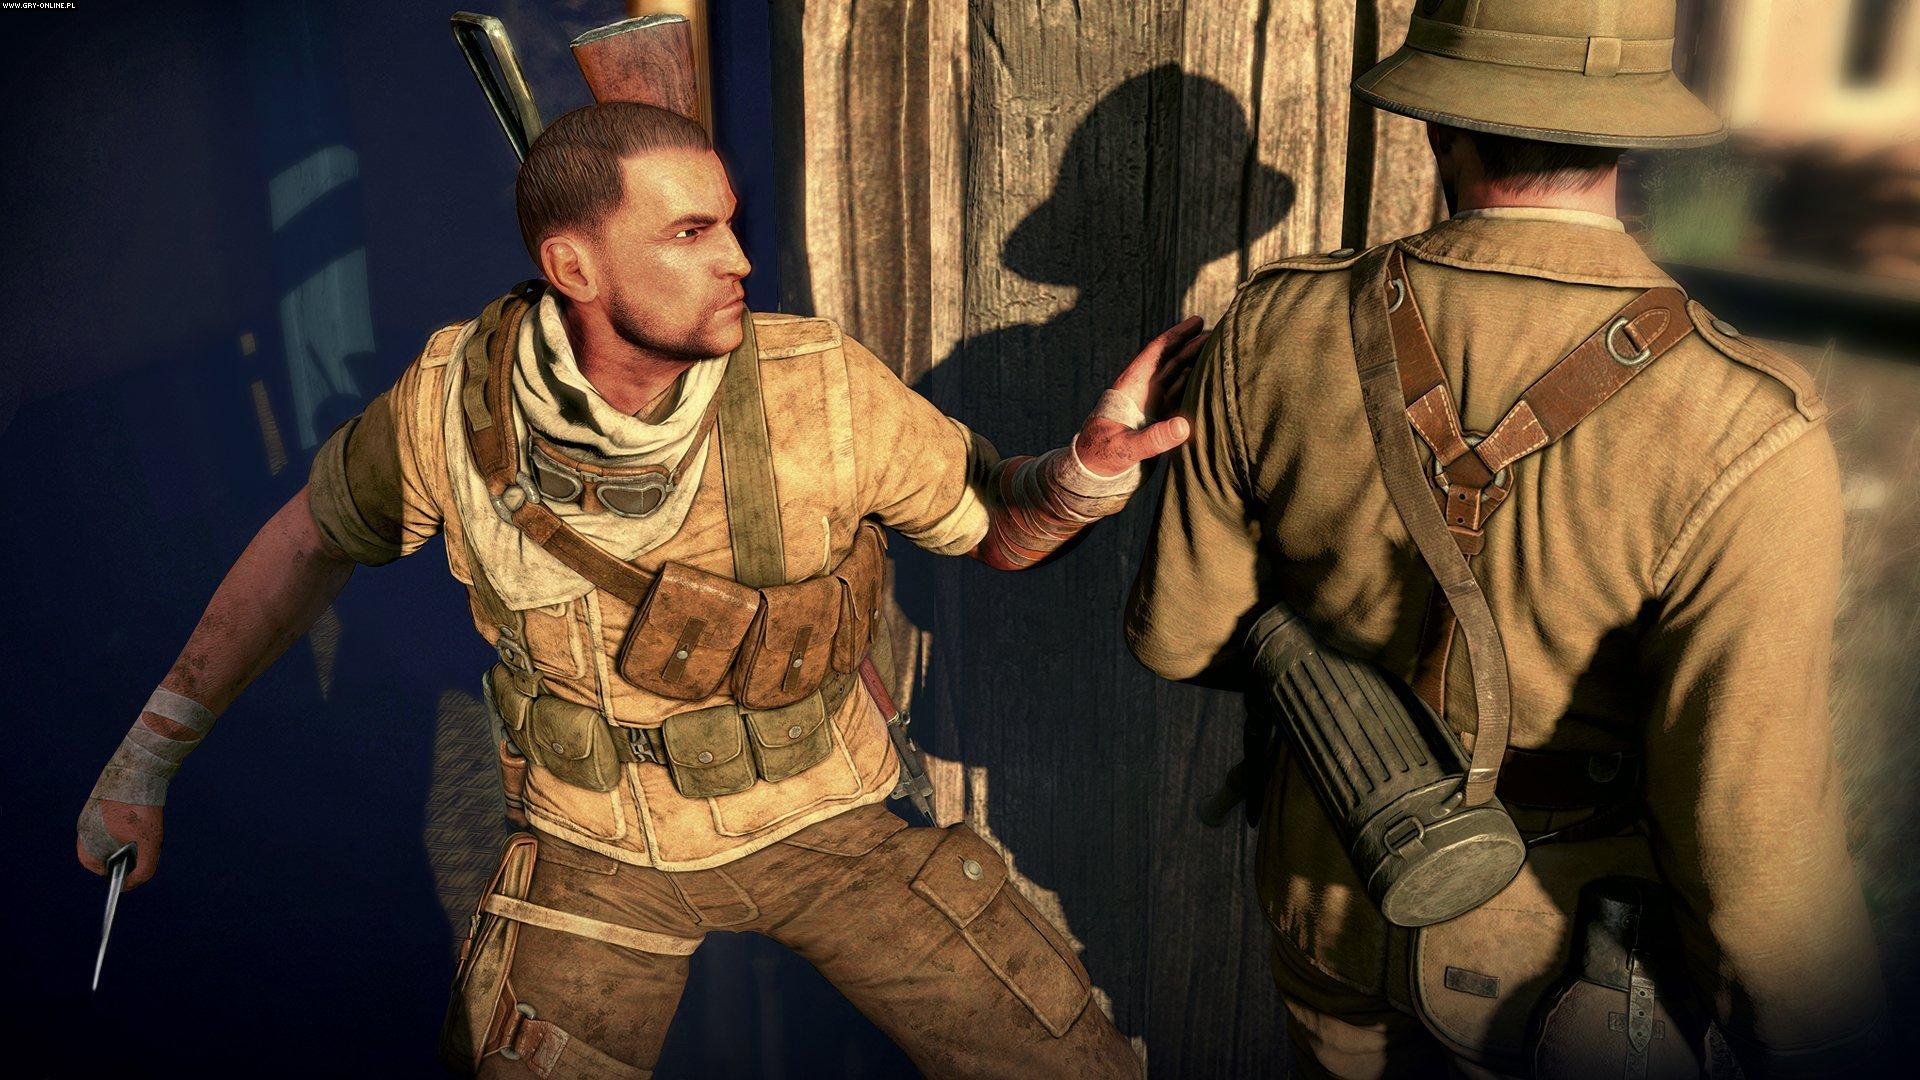 Sniper Elite 3 HD Wallpaper